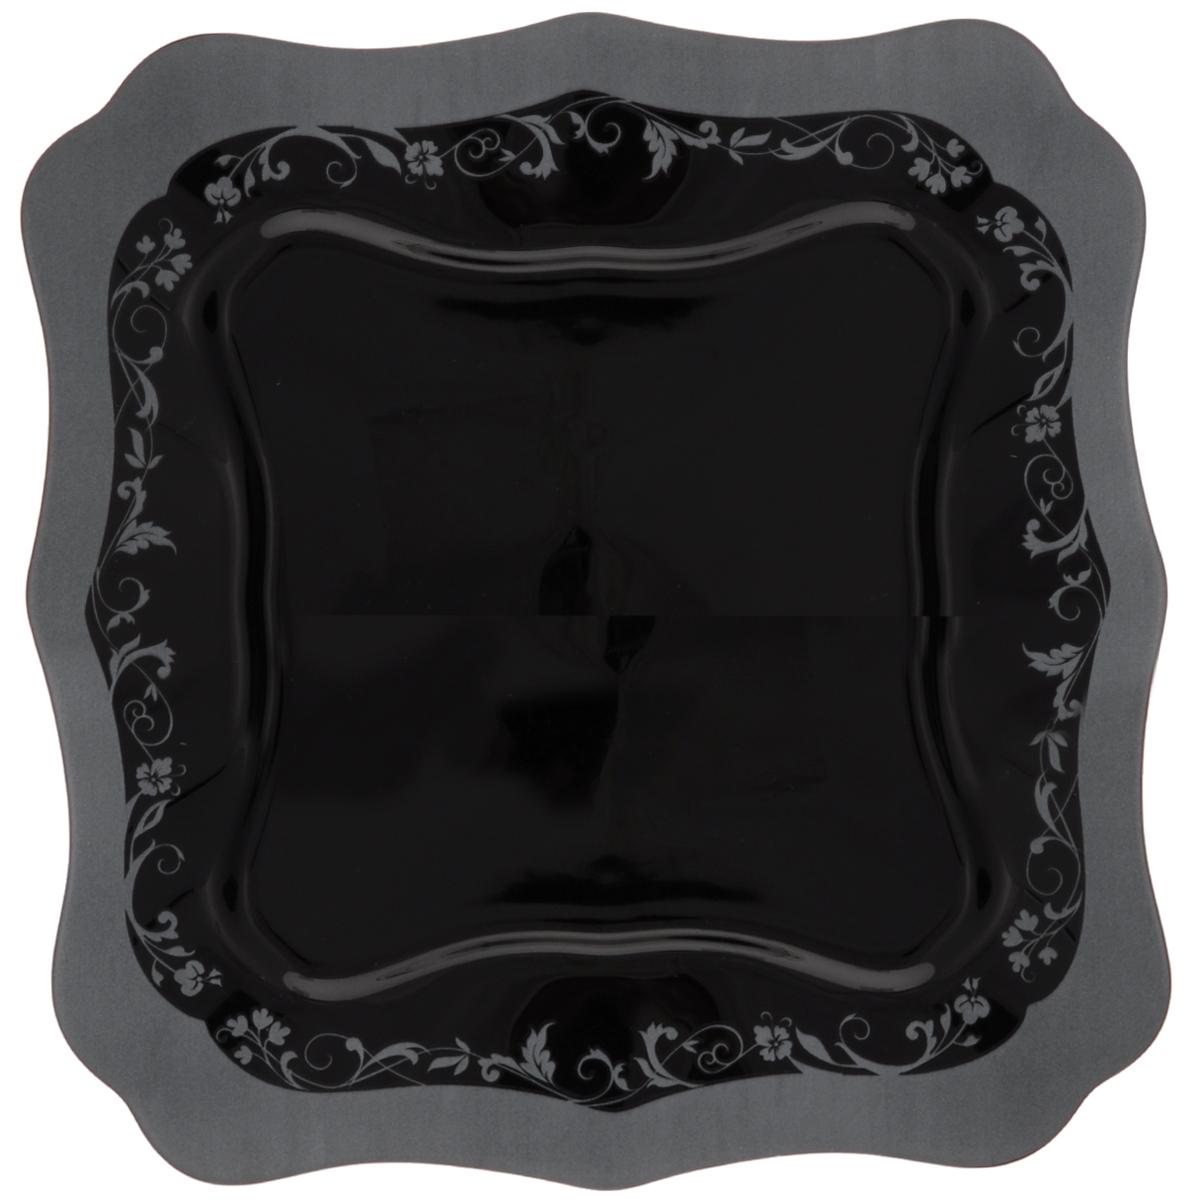 Тарелка десертная Luminarc Authentic Silver Black, 20 х 20 смH8400Десертная тарелка Luminarc Authentic Silver Black, изготовленная из ударопрочного стекла, имеет изысканный внешний вид. Такая тарелка прекрасно подходит как для торжественных случаев, так и для повседневного использования. Идеальна для подачи десертов, пирожных, тортов и многого другого. Она прекрасно оформит стол и станет отличным дополнением к вашей коллекции кухонной посуды. Размер тарелки (по верхнему краю): 20 х 20 см.